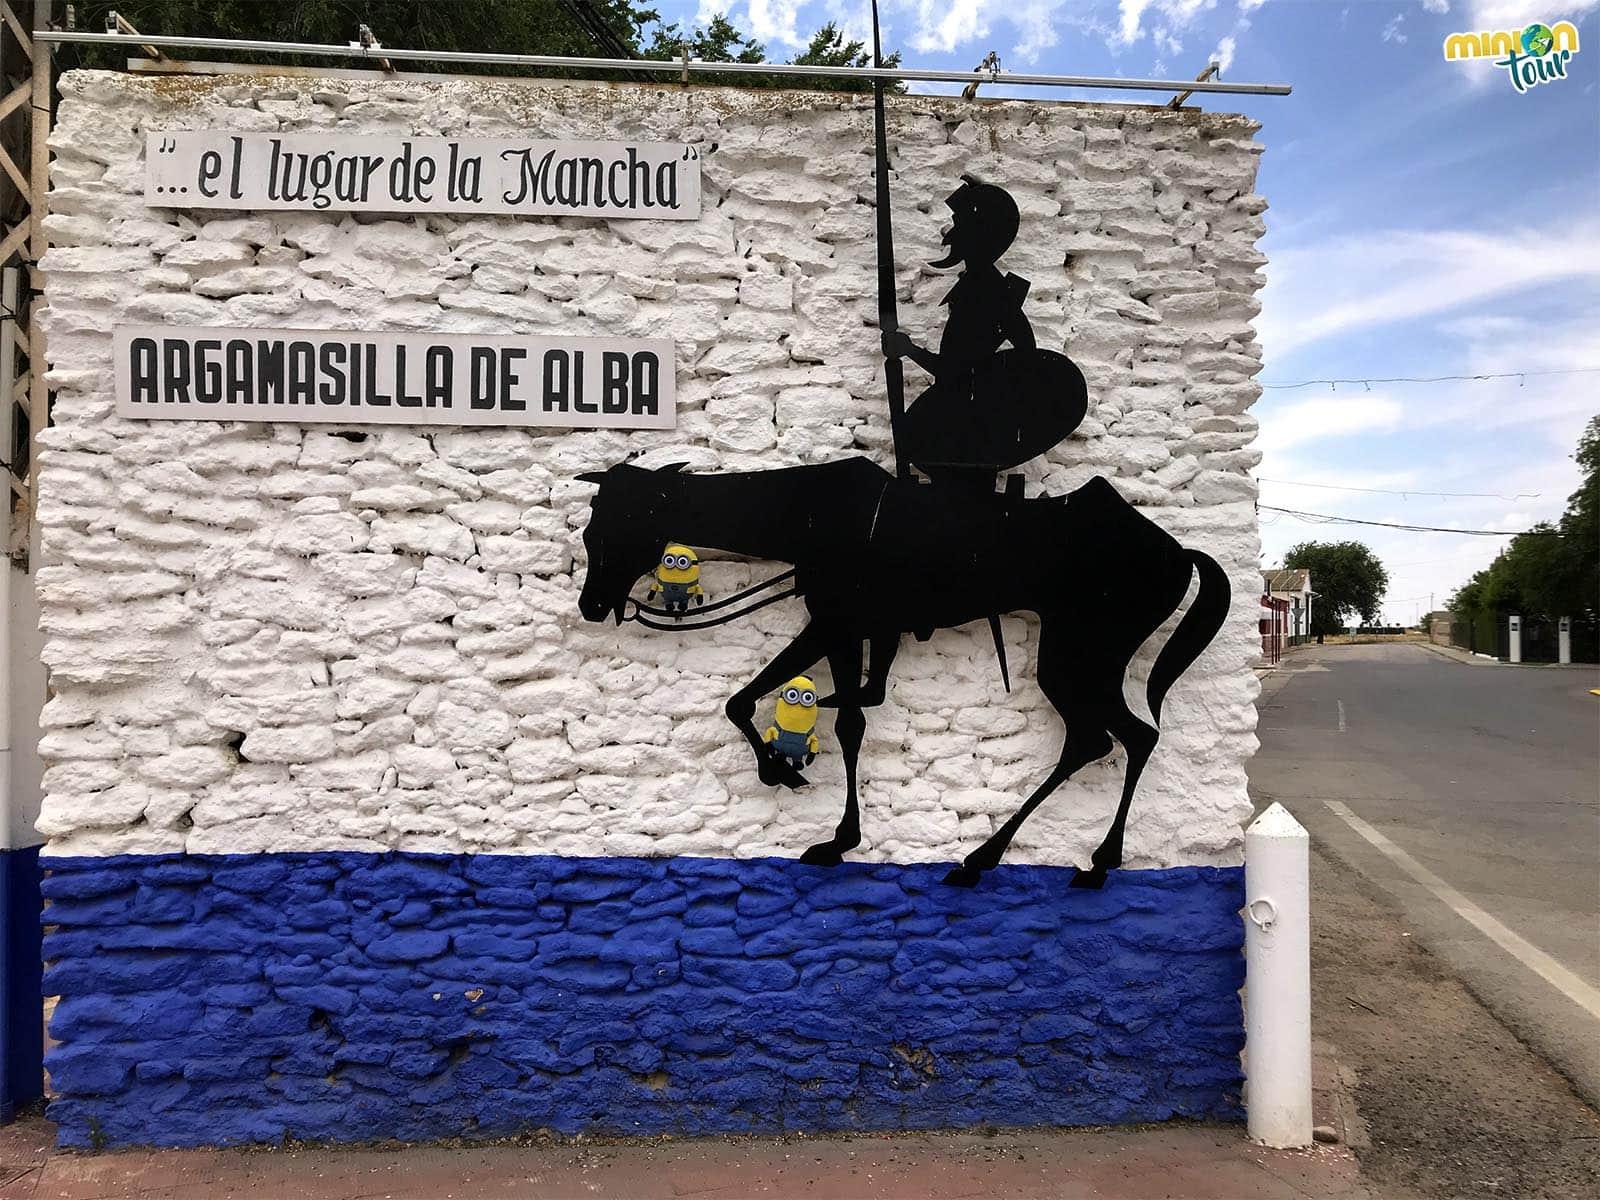 En un lugar de la Mancha... Argamasilla de Alba